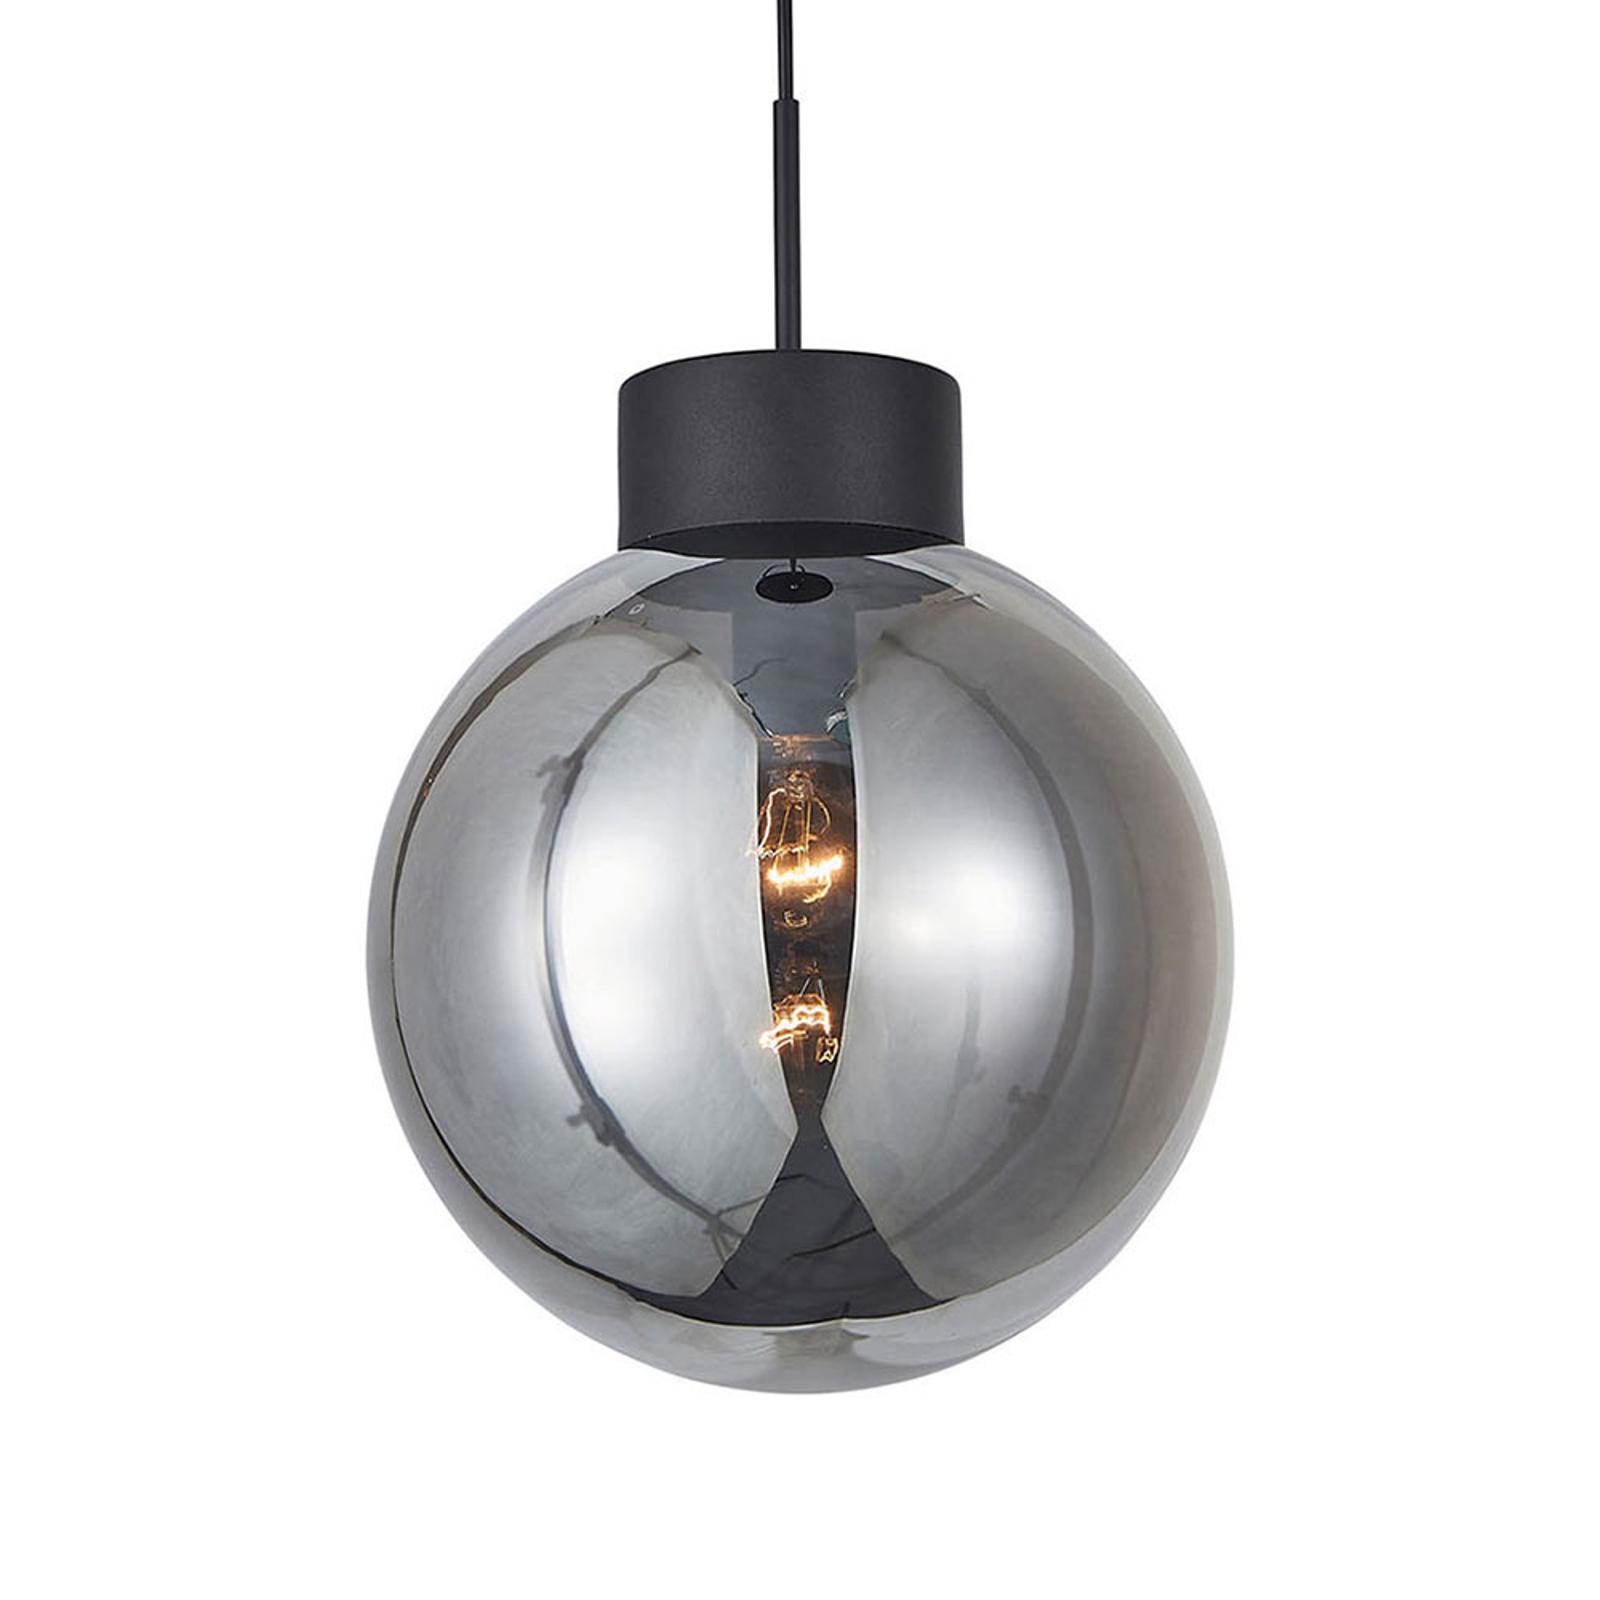 Hanglamp Astro, rookgrijze bolkap